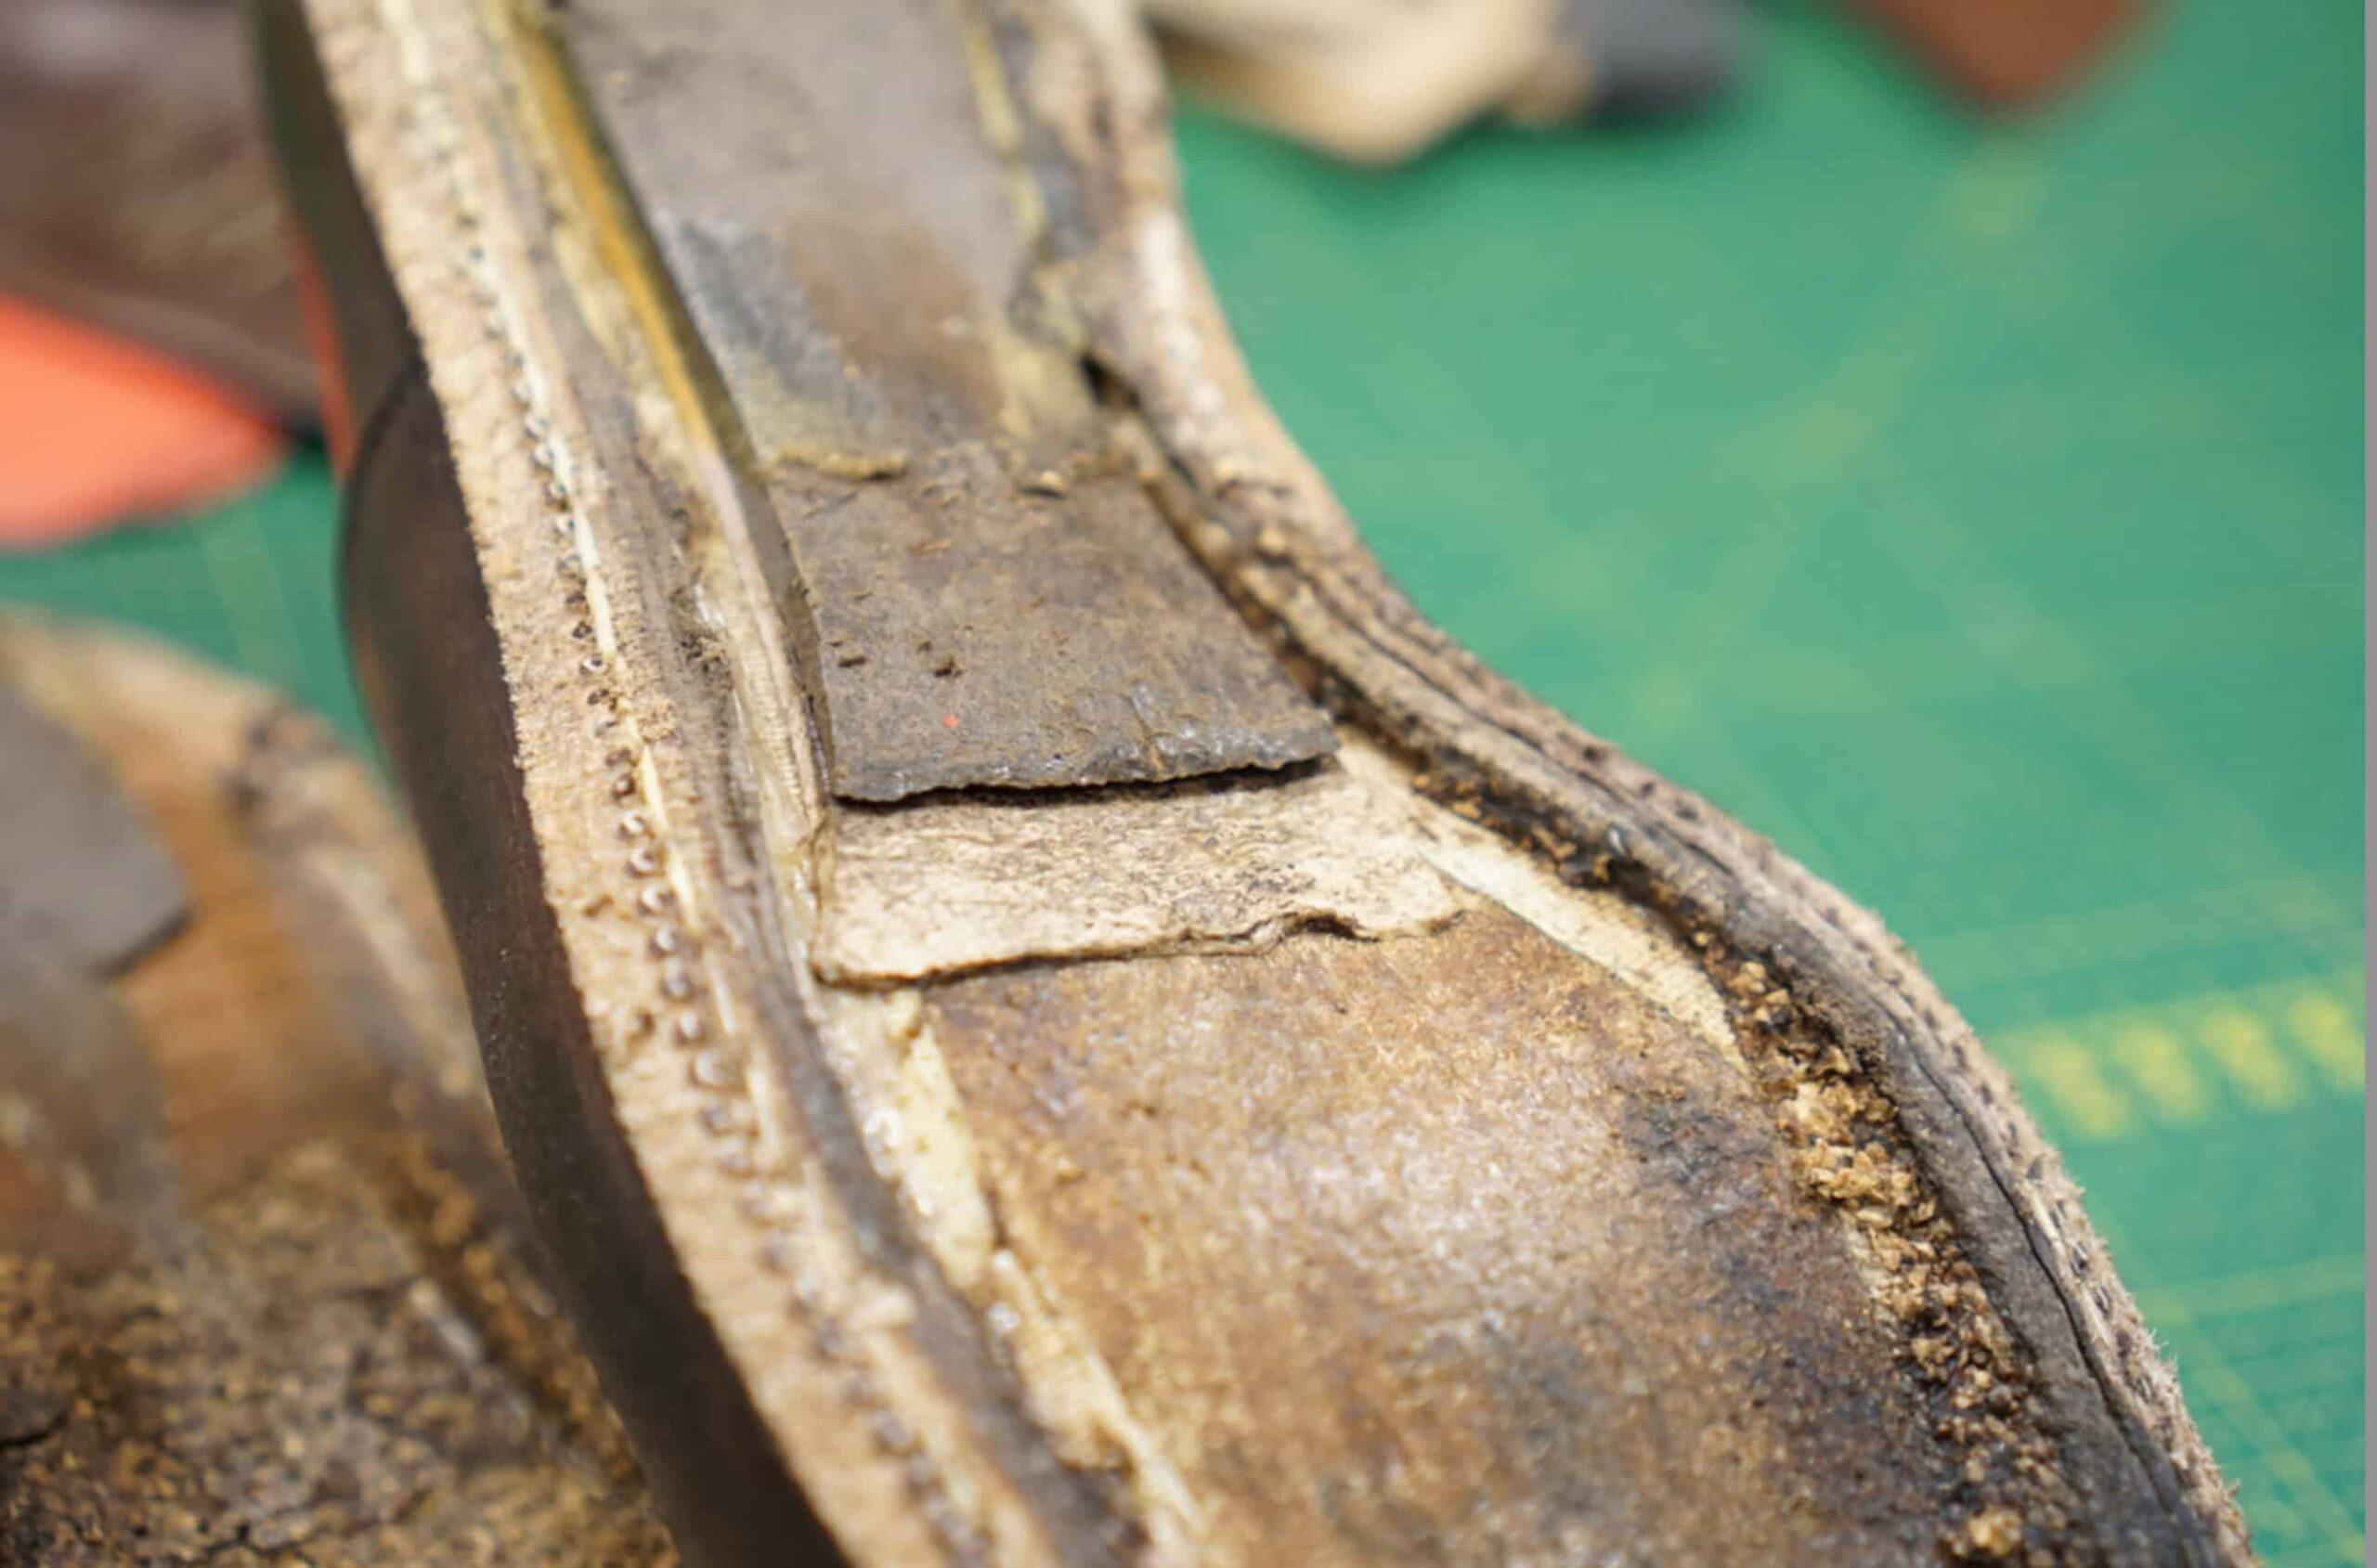 Un cambrion acier sur une paire de Carmina, le cambrion est ici invisible, pris en sandwich entre une pièce de carton et de cuir (salpa?) afin de le protéger.